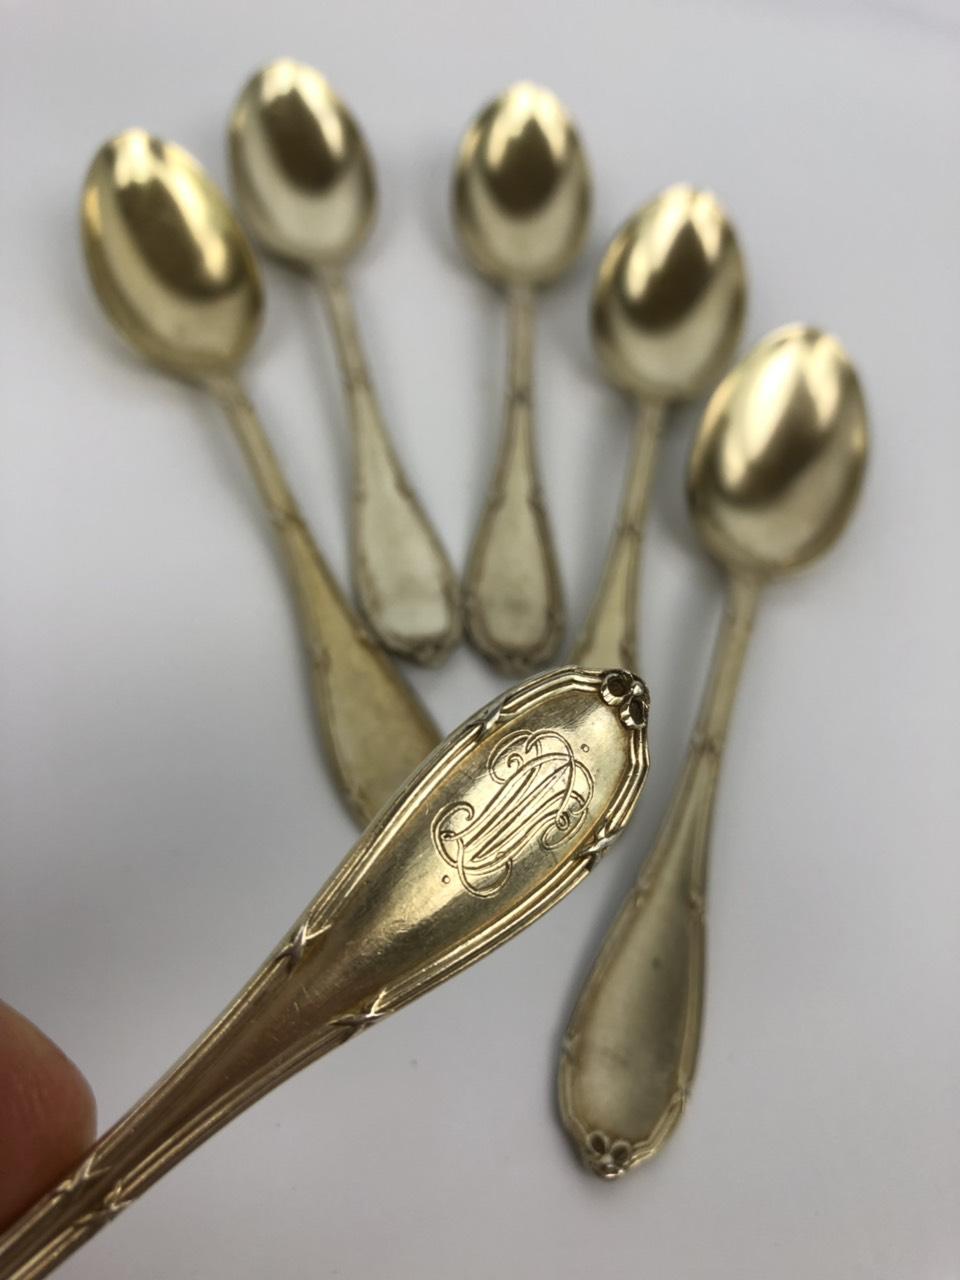 Антикварные чайные ложечки из серебра